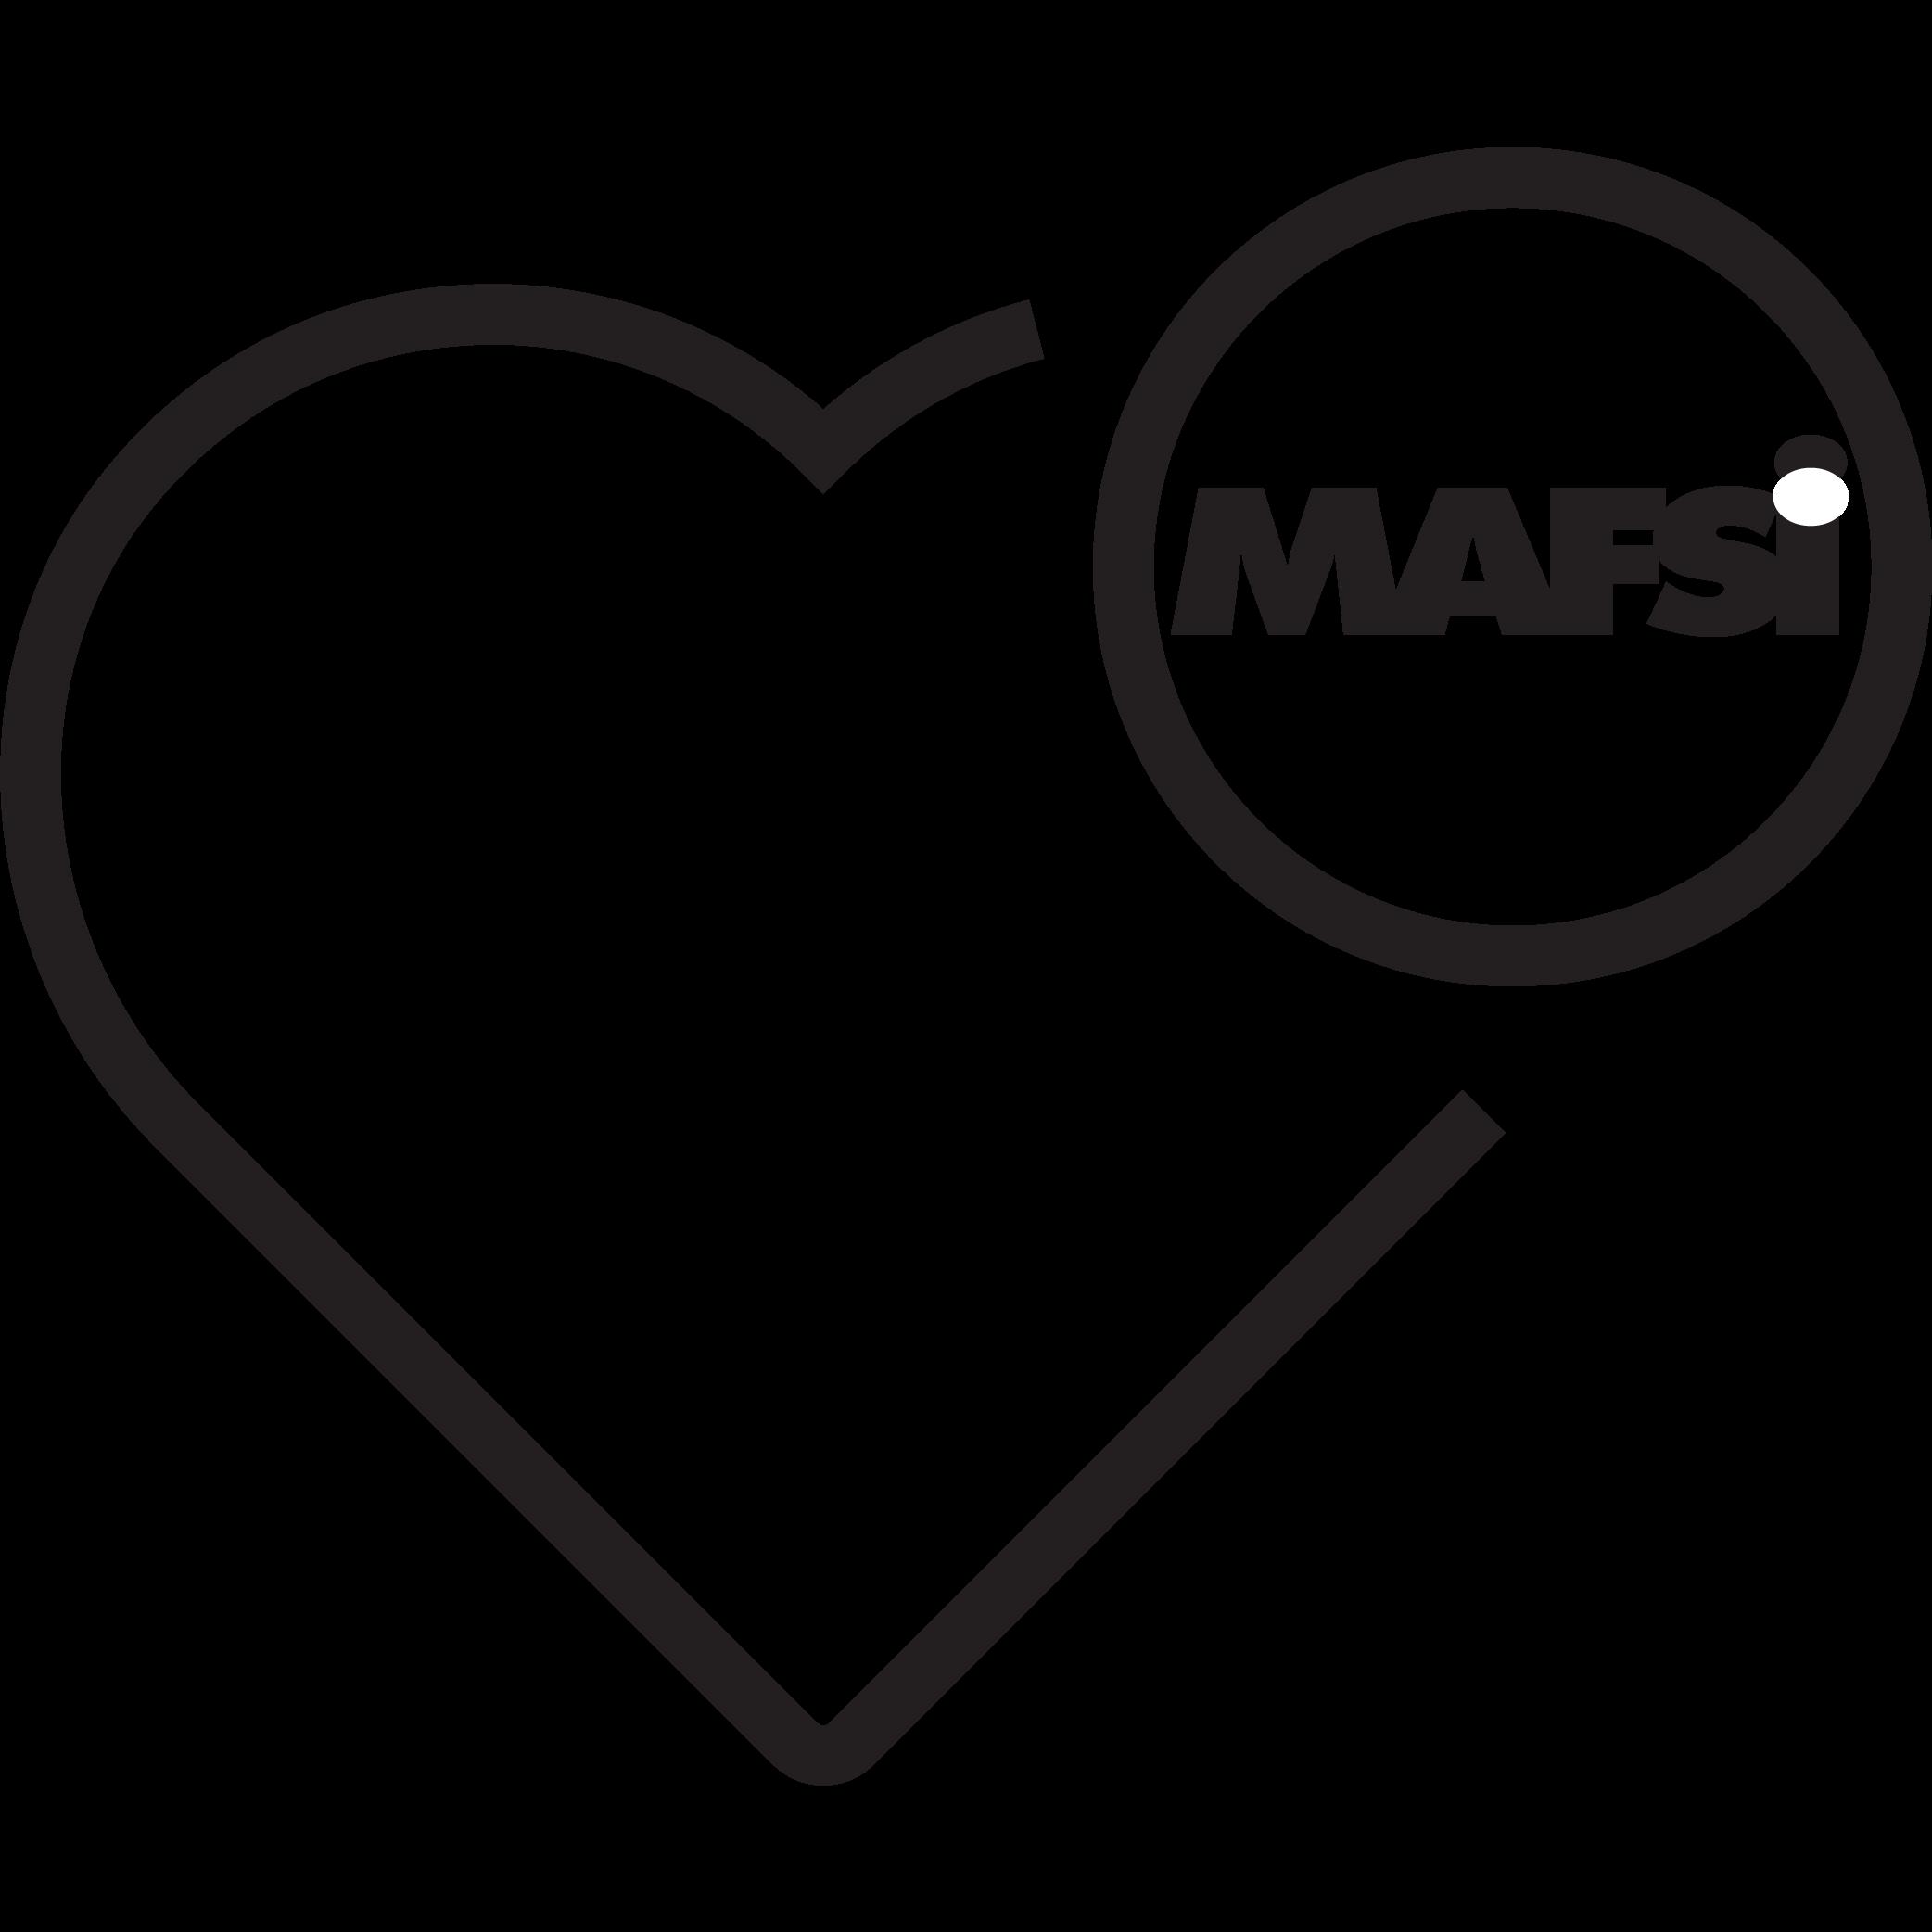 Love MAFSI Icon